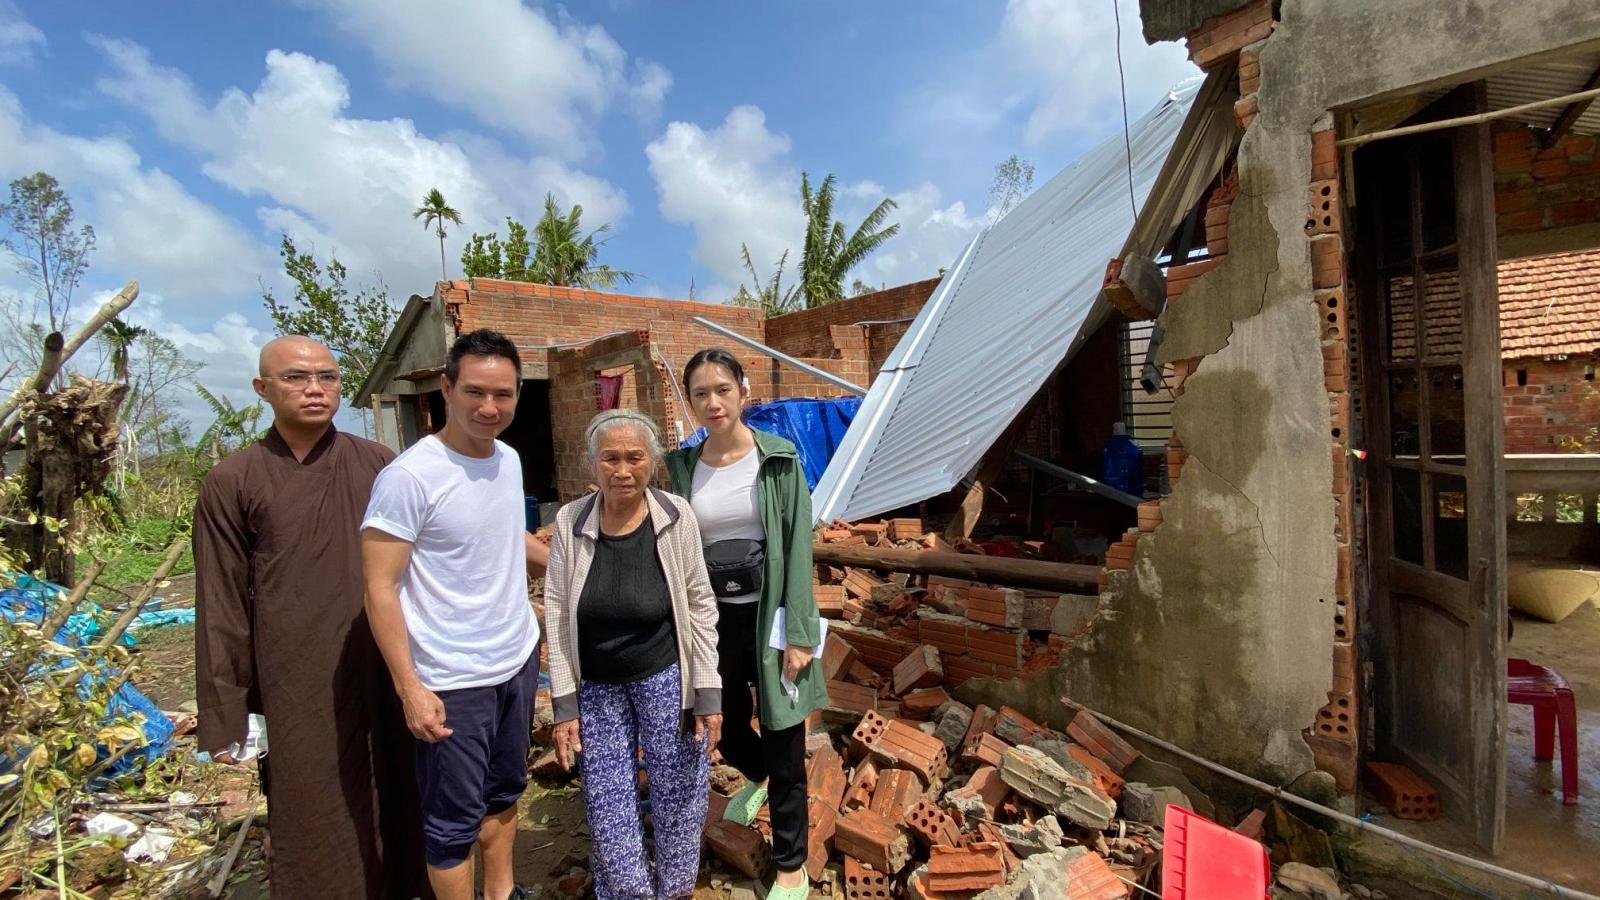 Vợ chồng Lý Hải - Minh Hà Hỗ trợ 100 nhà bị sập và hư hỏng do bão số 9